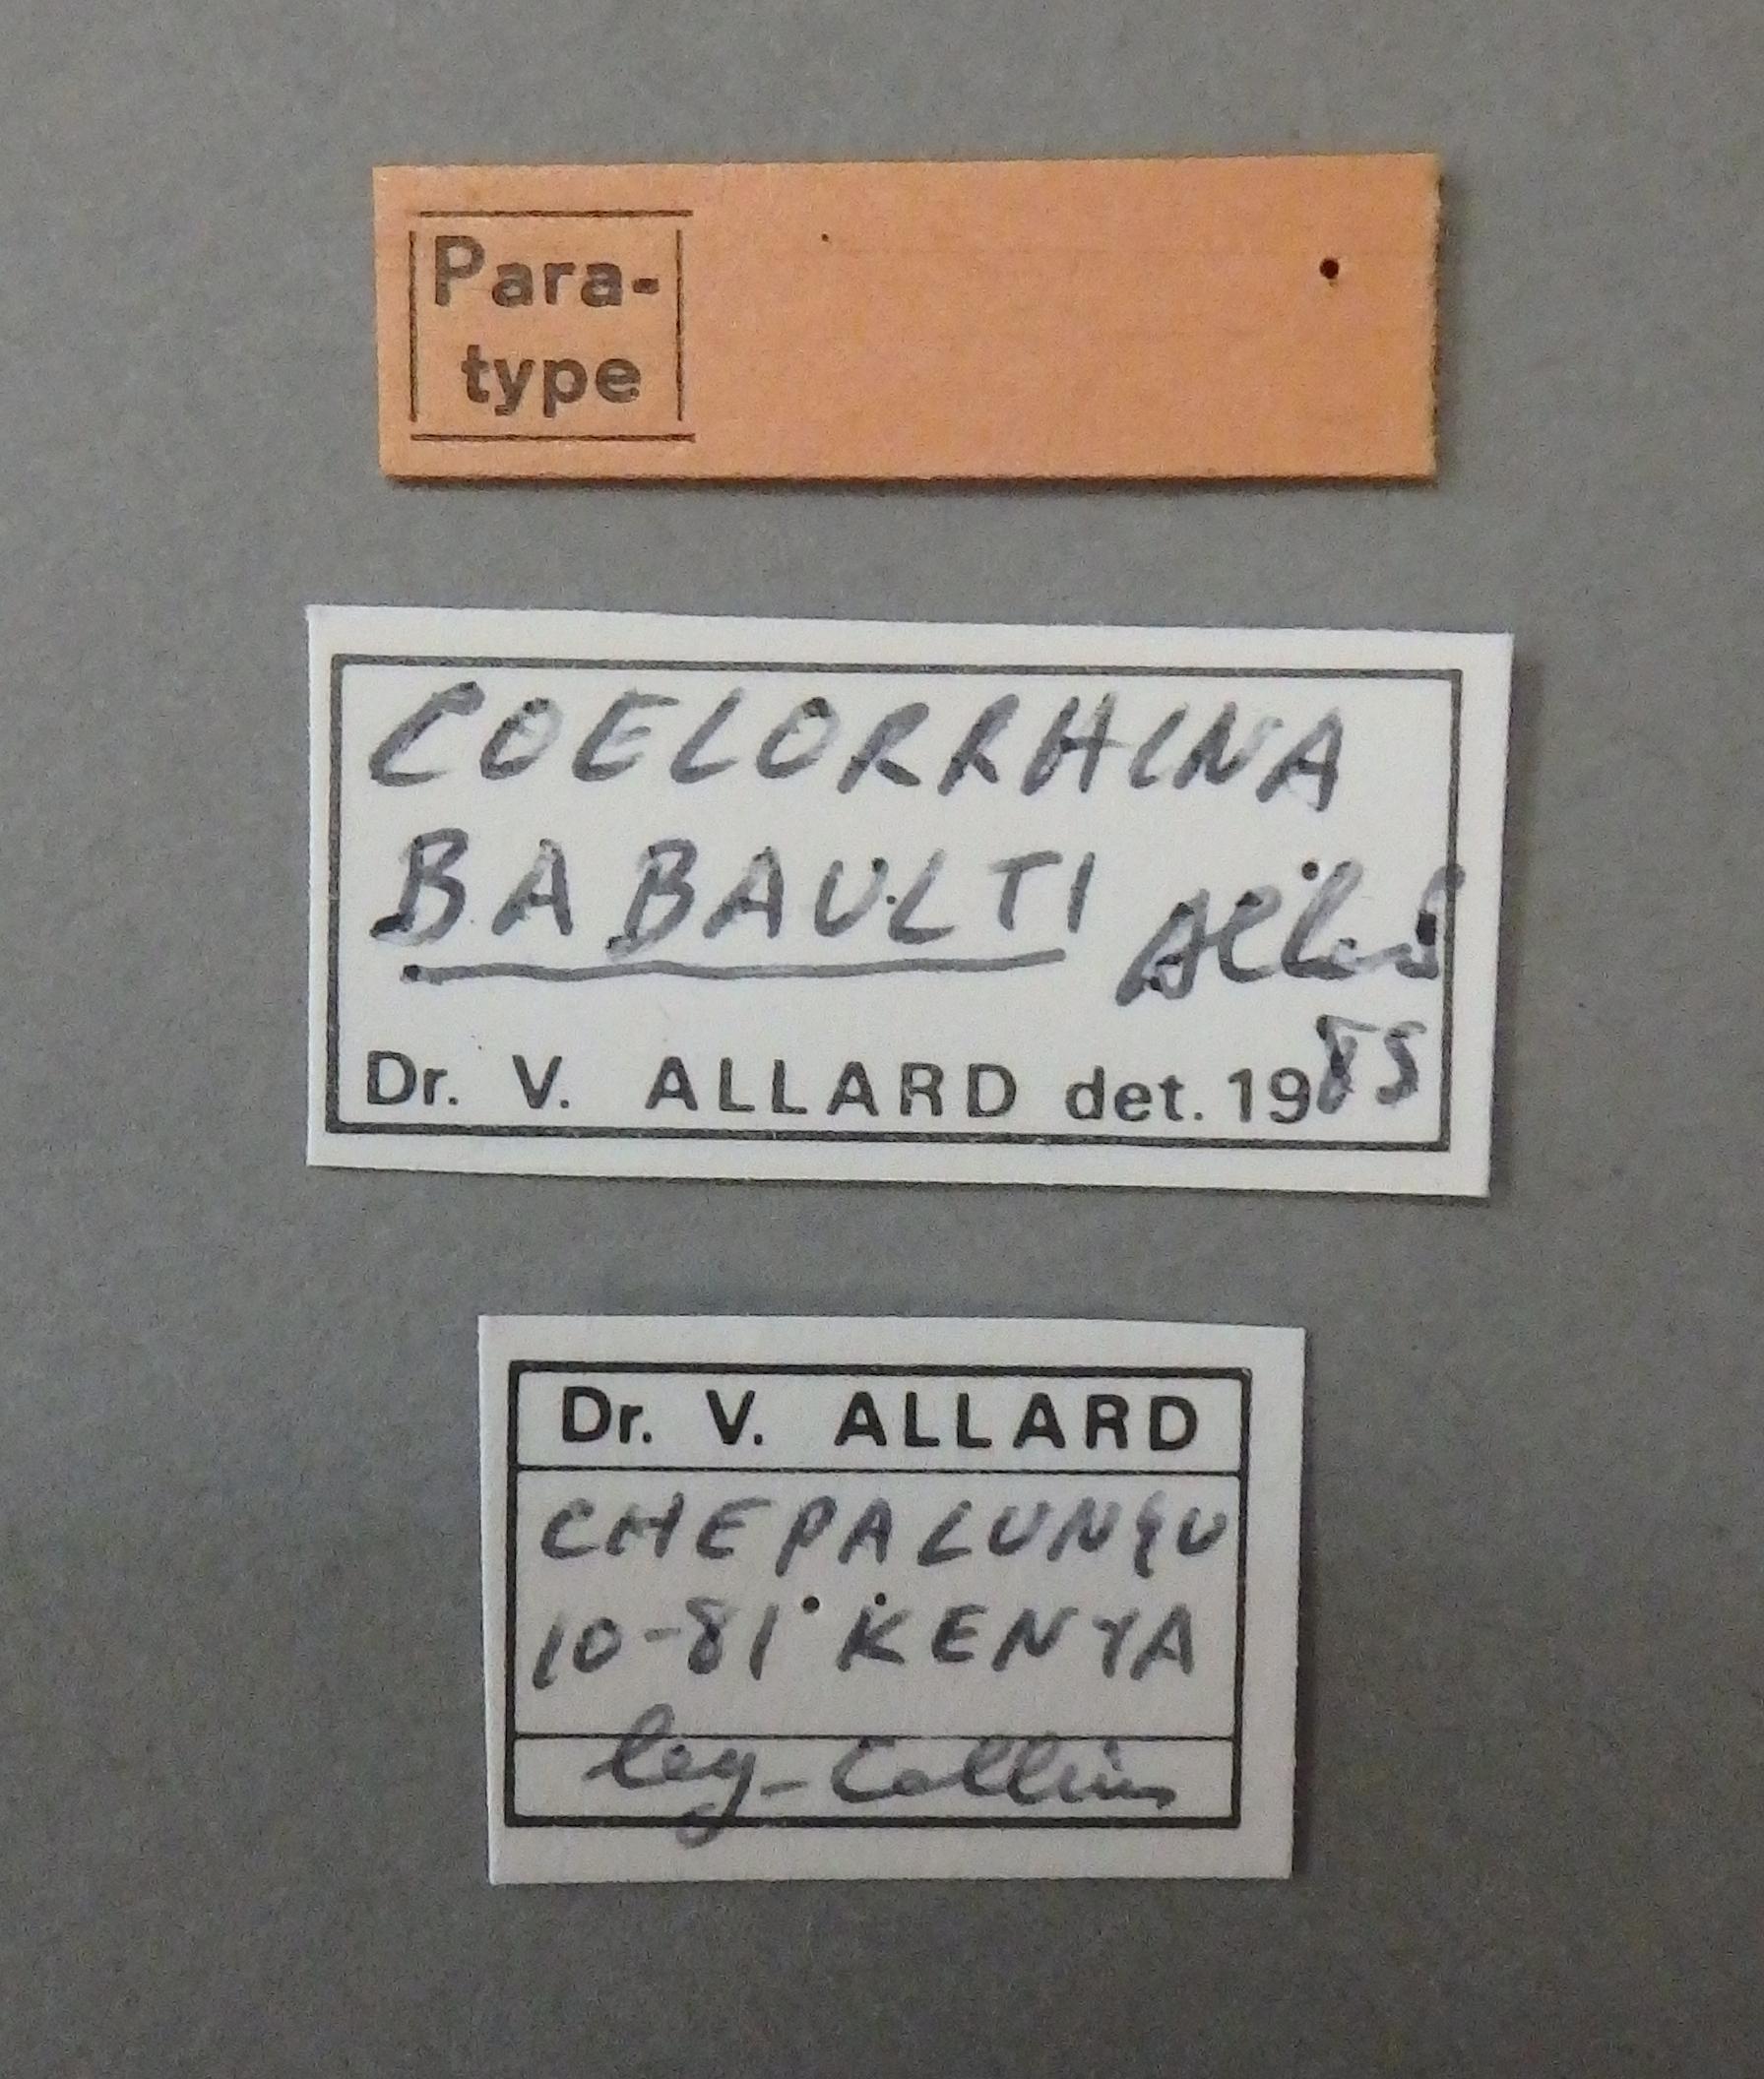 Coelorrhina babaulti pt 1 Lb.JPG